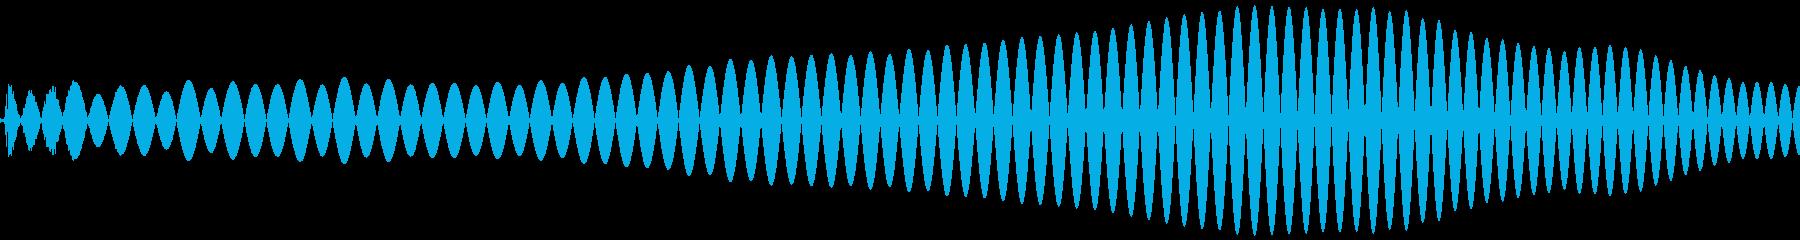 ポワ(コミカル、可愛い音)の再生済みの波形